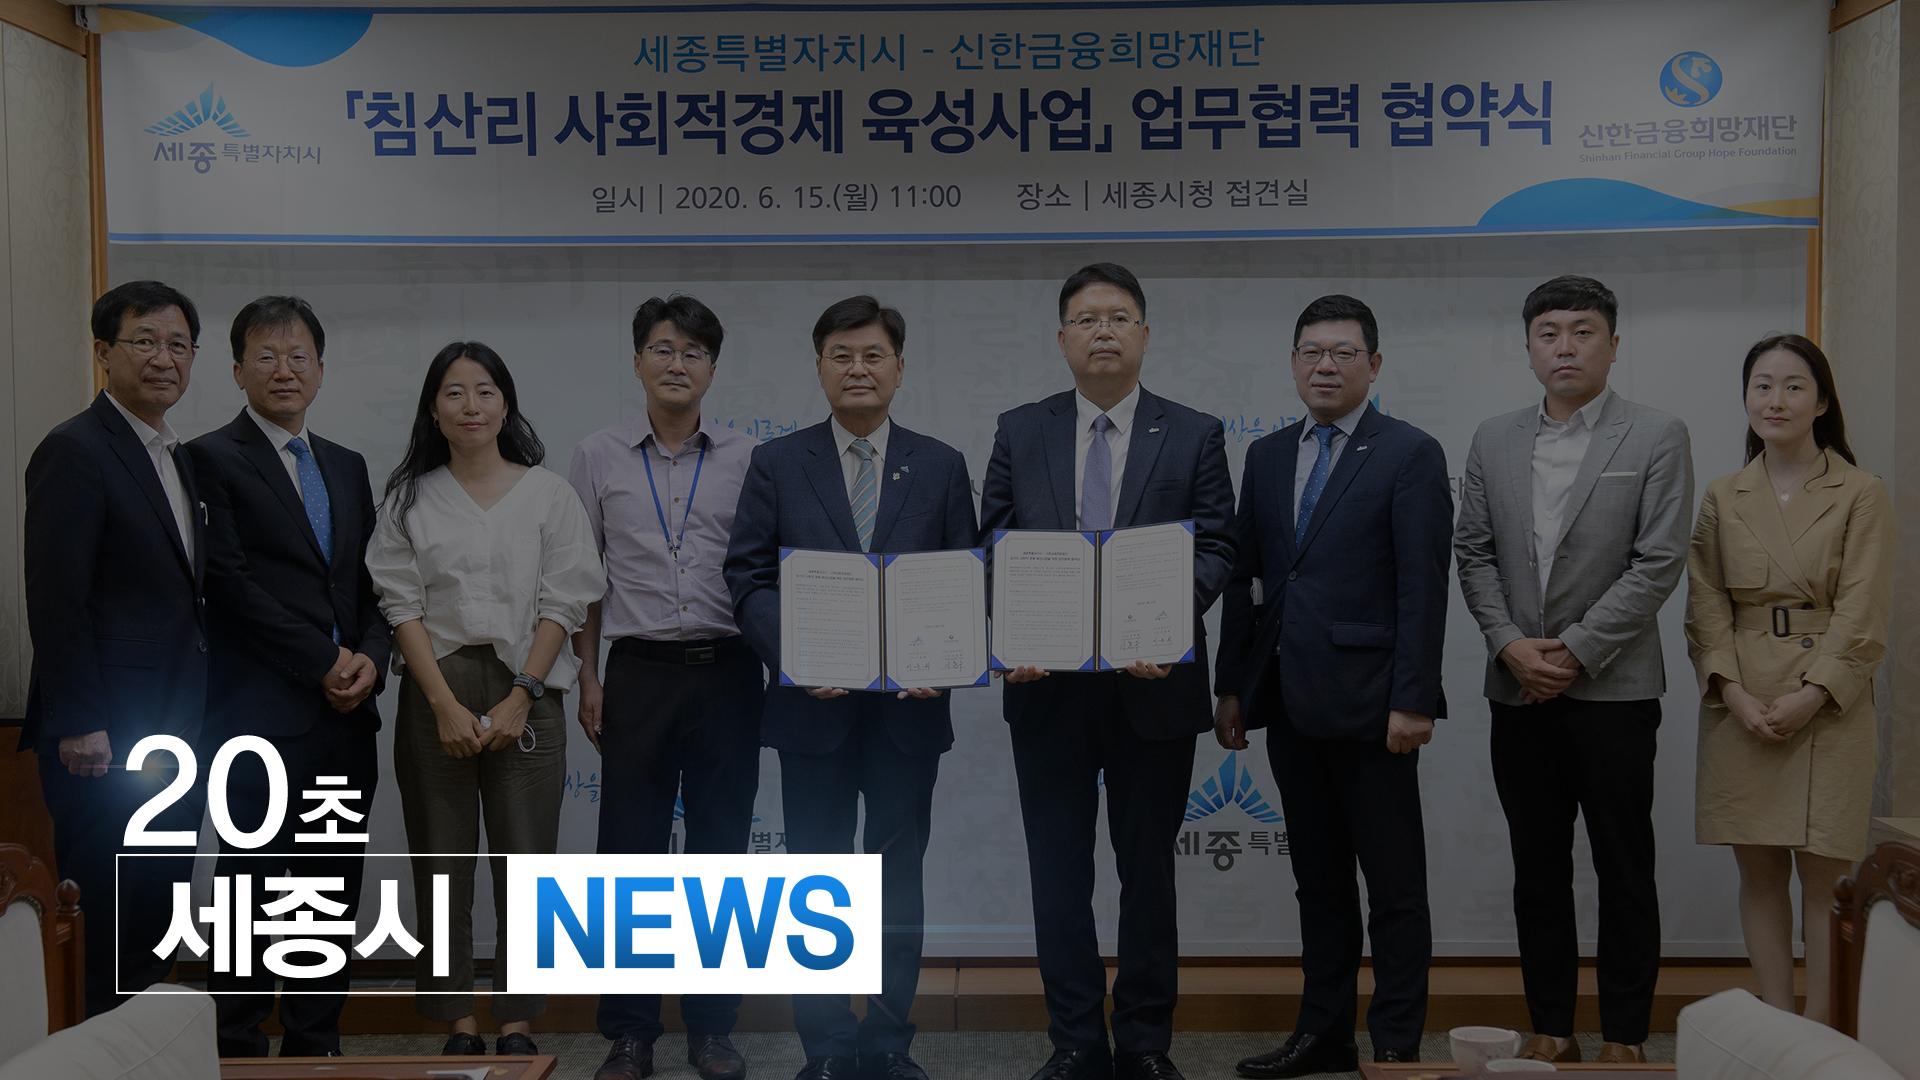 <20초뉴스> 세종시-신한금융희망재단 사회적경제 육성 협약